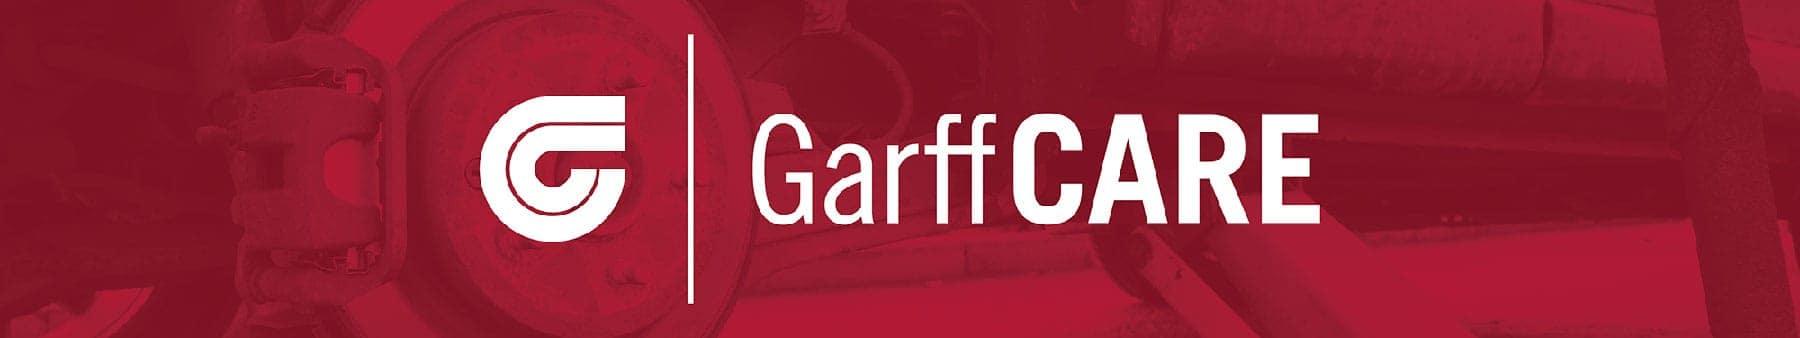 garffcare-banner